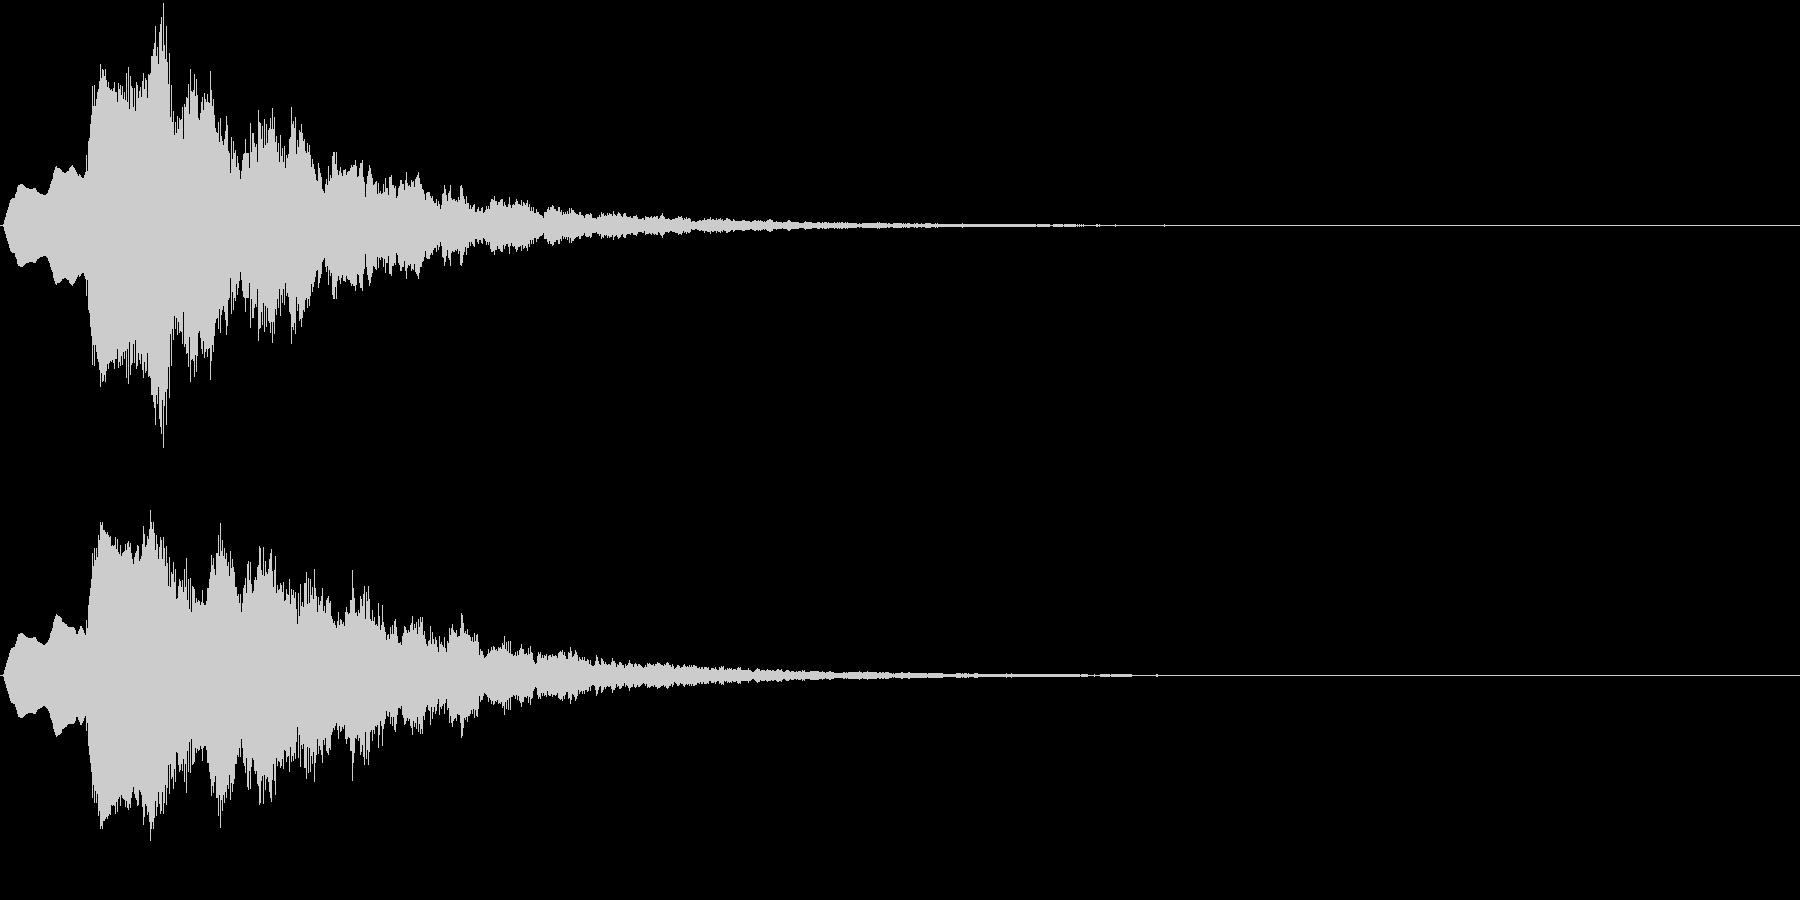 ティラリラン タイトルスーパー ロゴ音1の未再生の波形